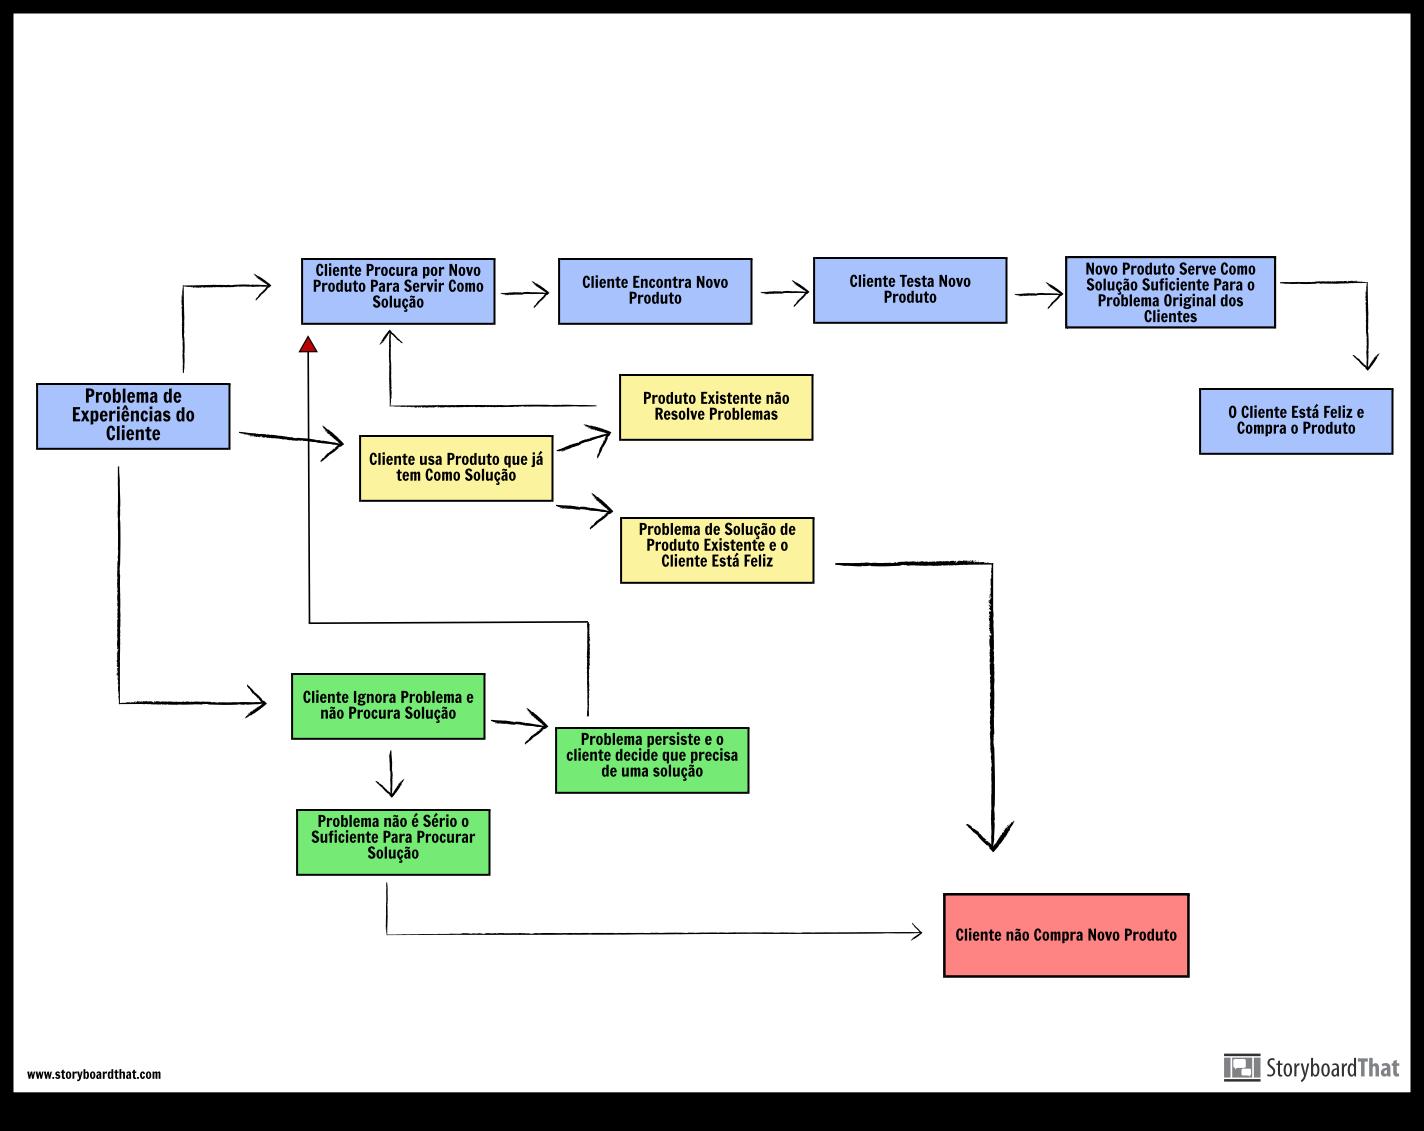 Mapa da Jornada do Cliente do Fluxograma